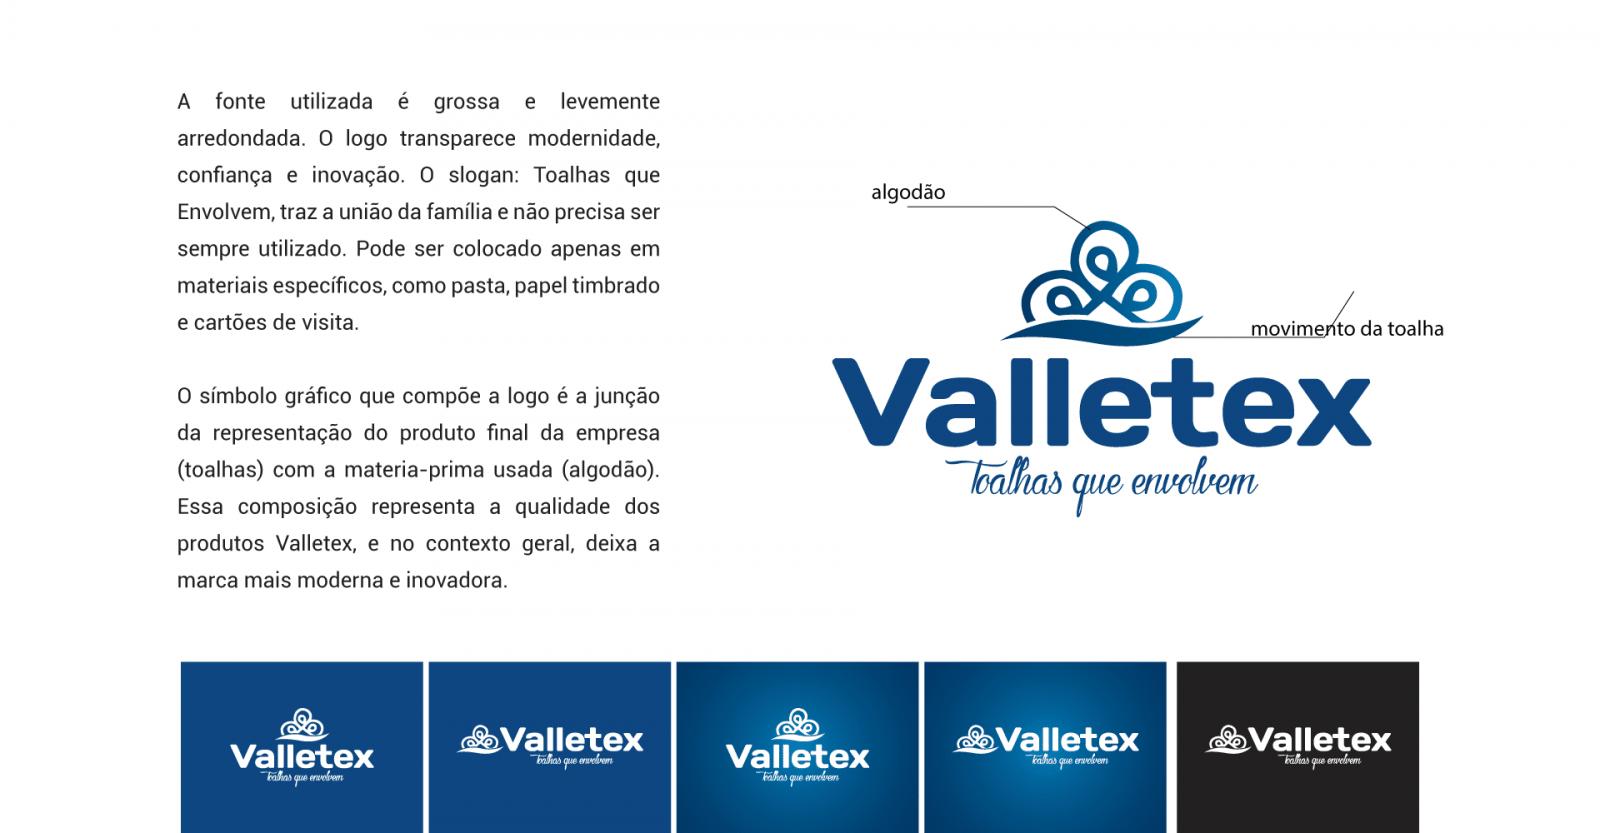 case valletex identitdade visual